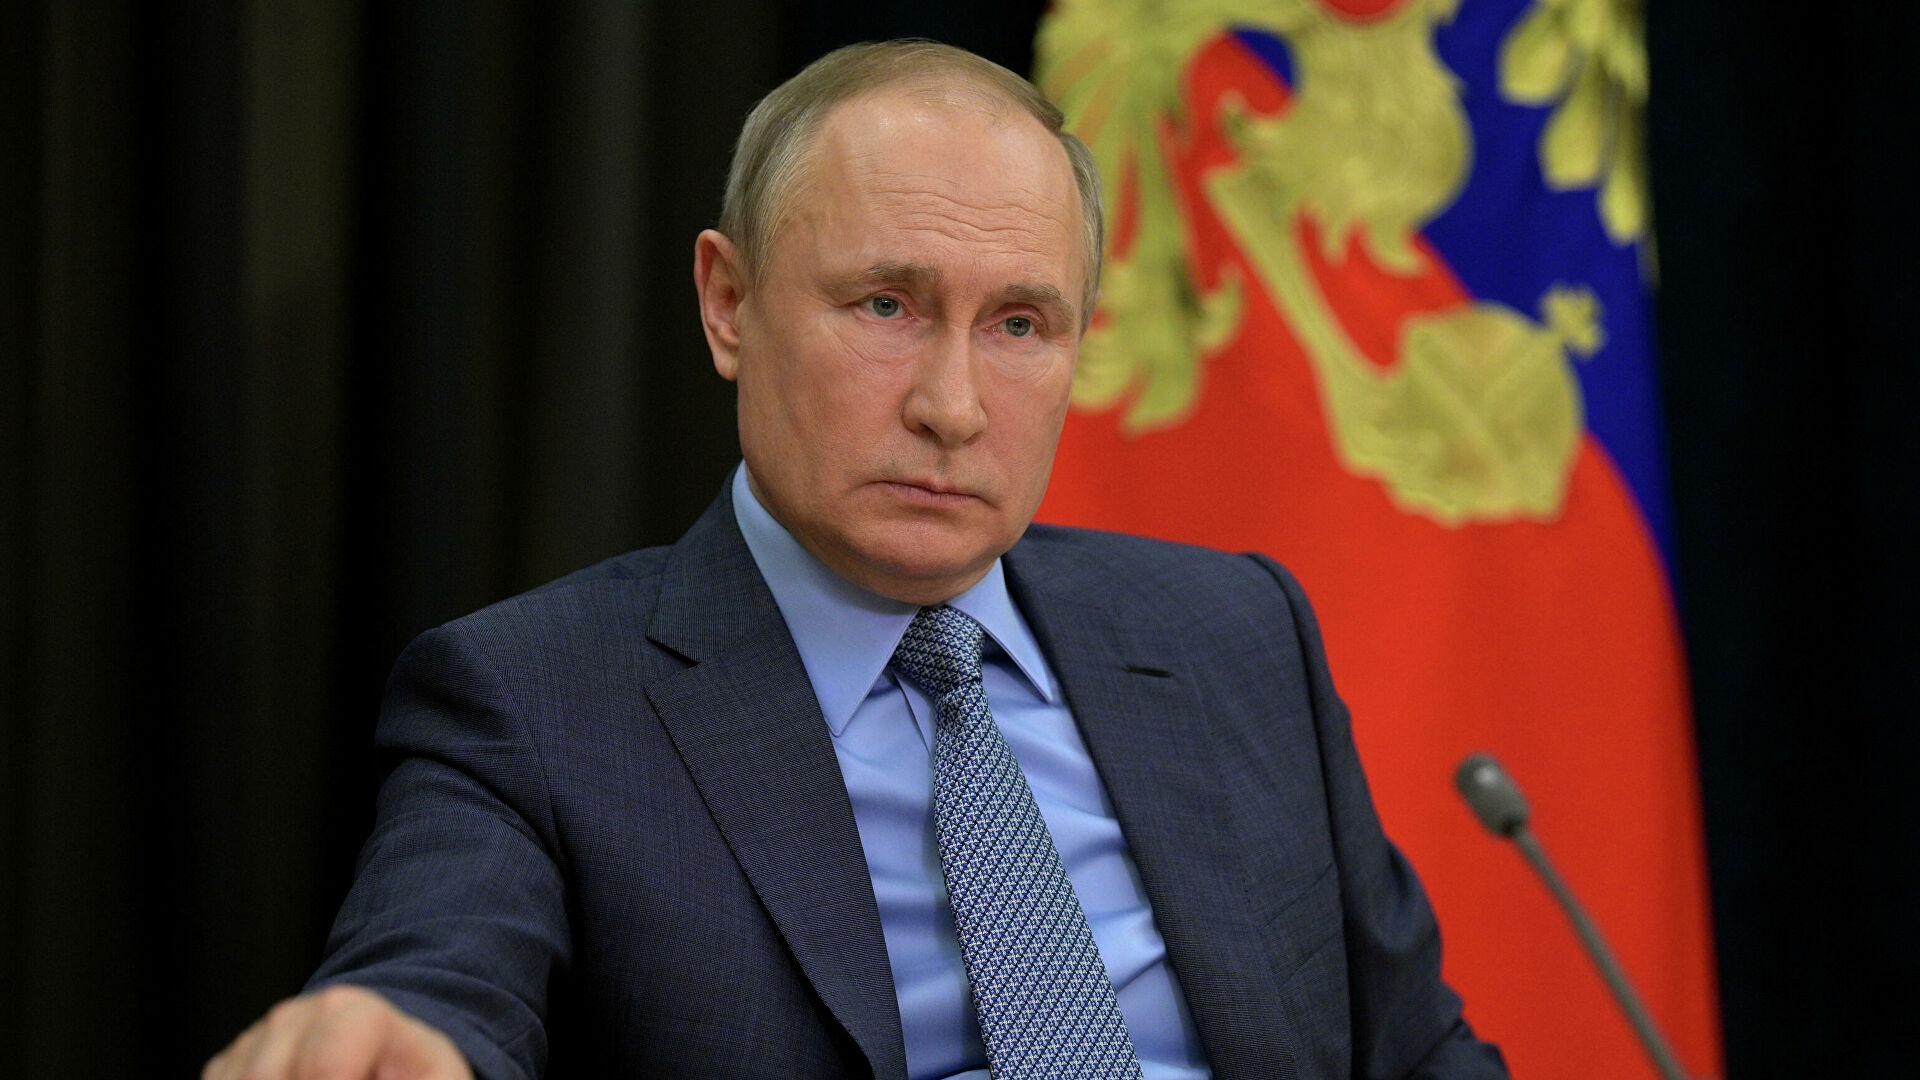 Путин наложио да се пооштре правила о поседовању оружја након пуцњаве у Казању